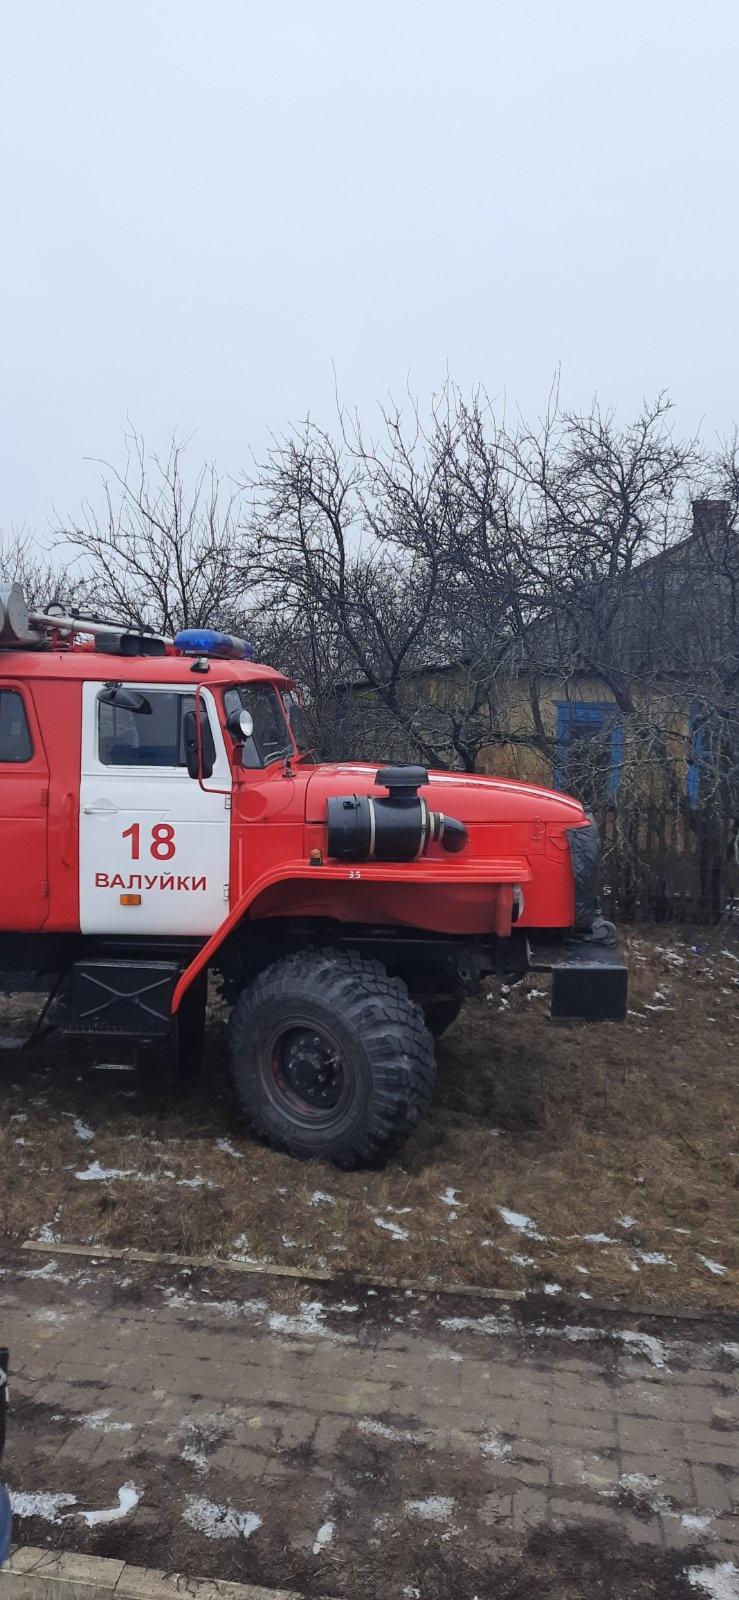 Пожар ликвидирован до прибытия пожарных подразделений в селе Солоти Валуйского ГО